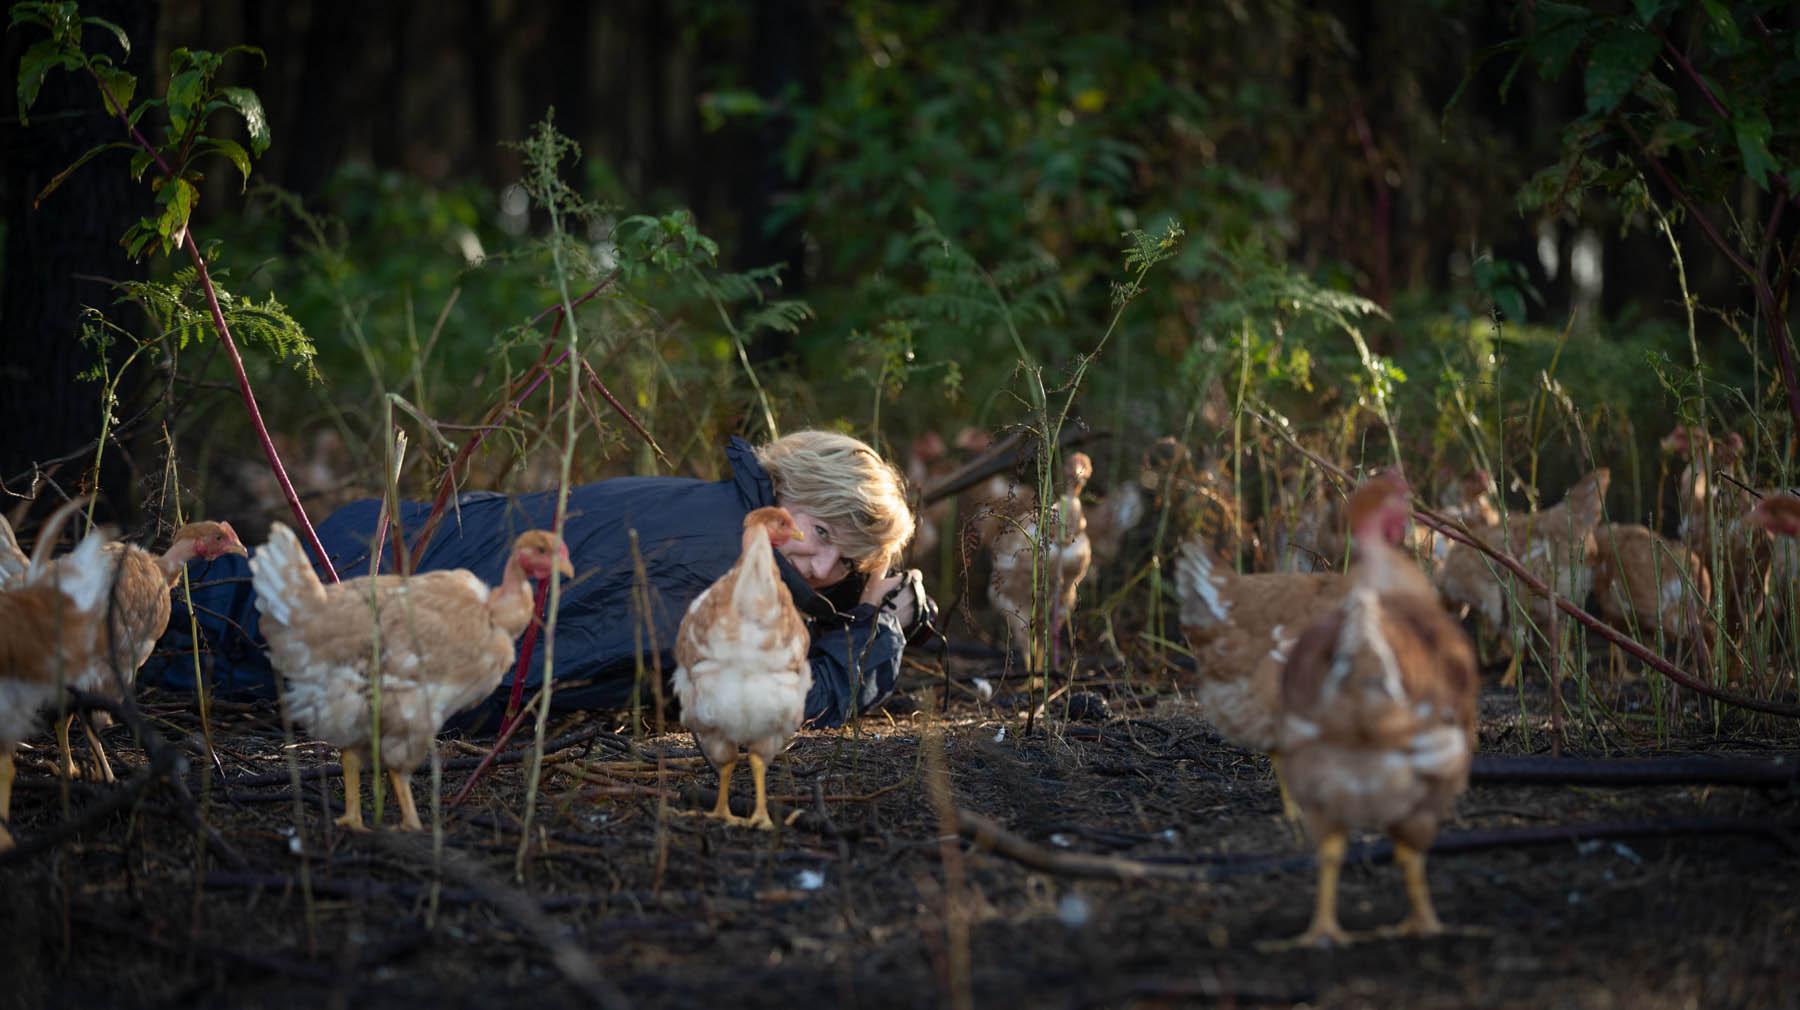 photo de Carole embid allongée au milieu des poules dans une ferme des landes